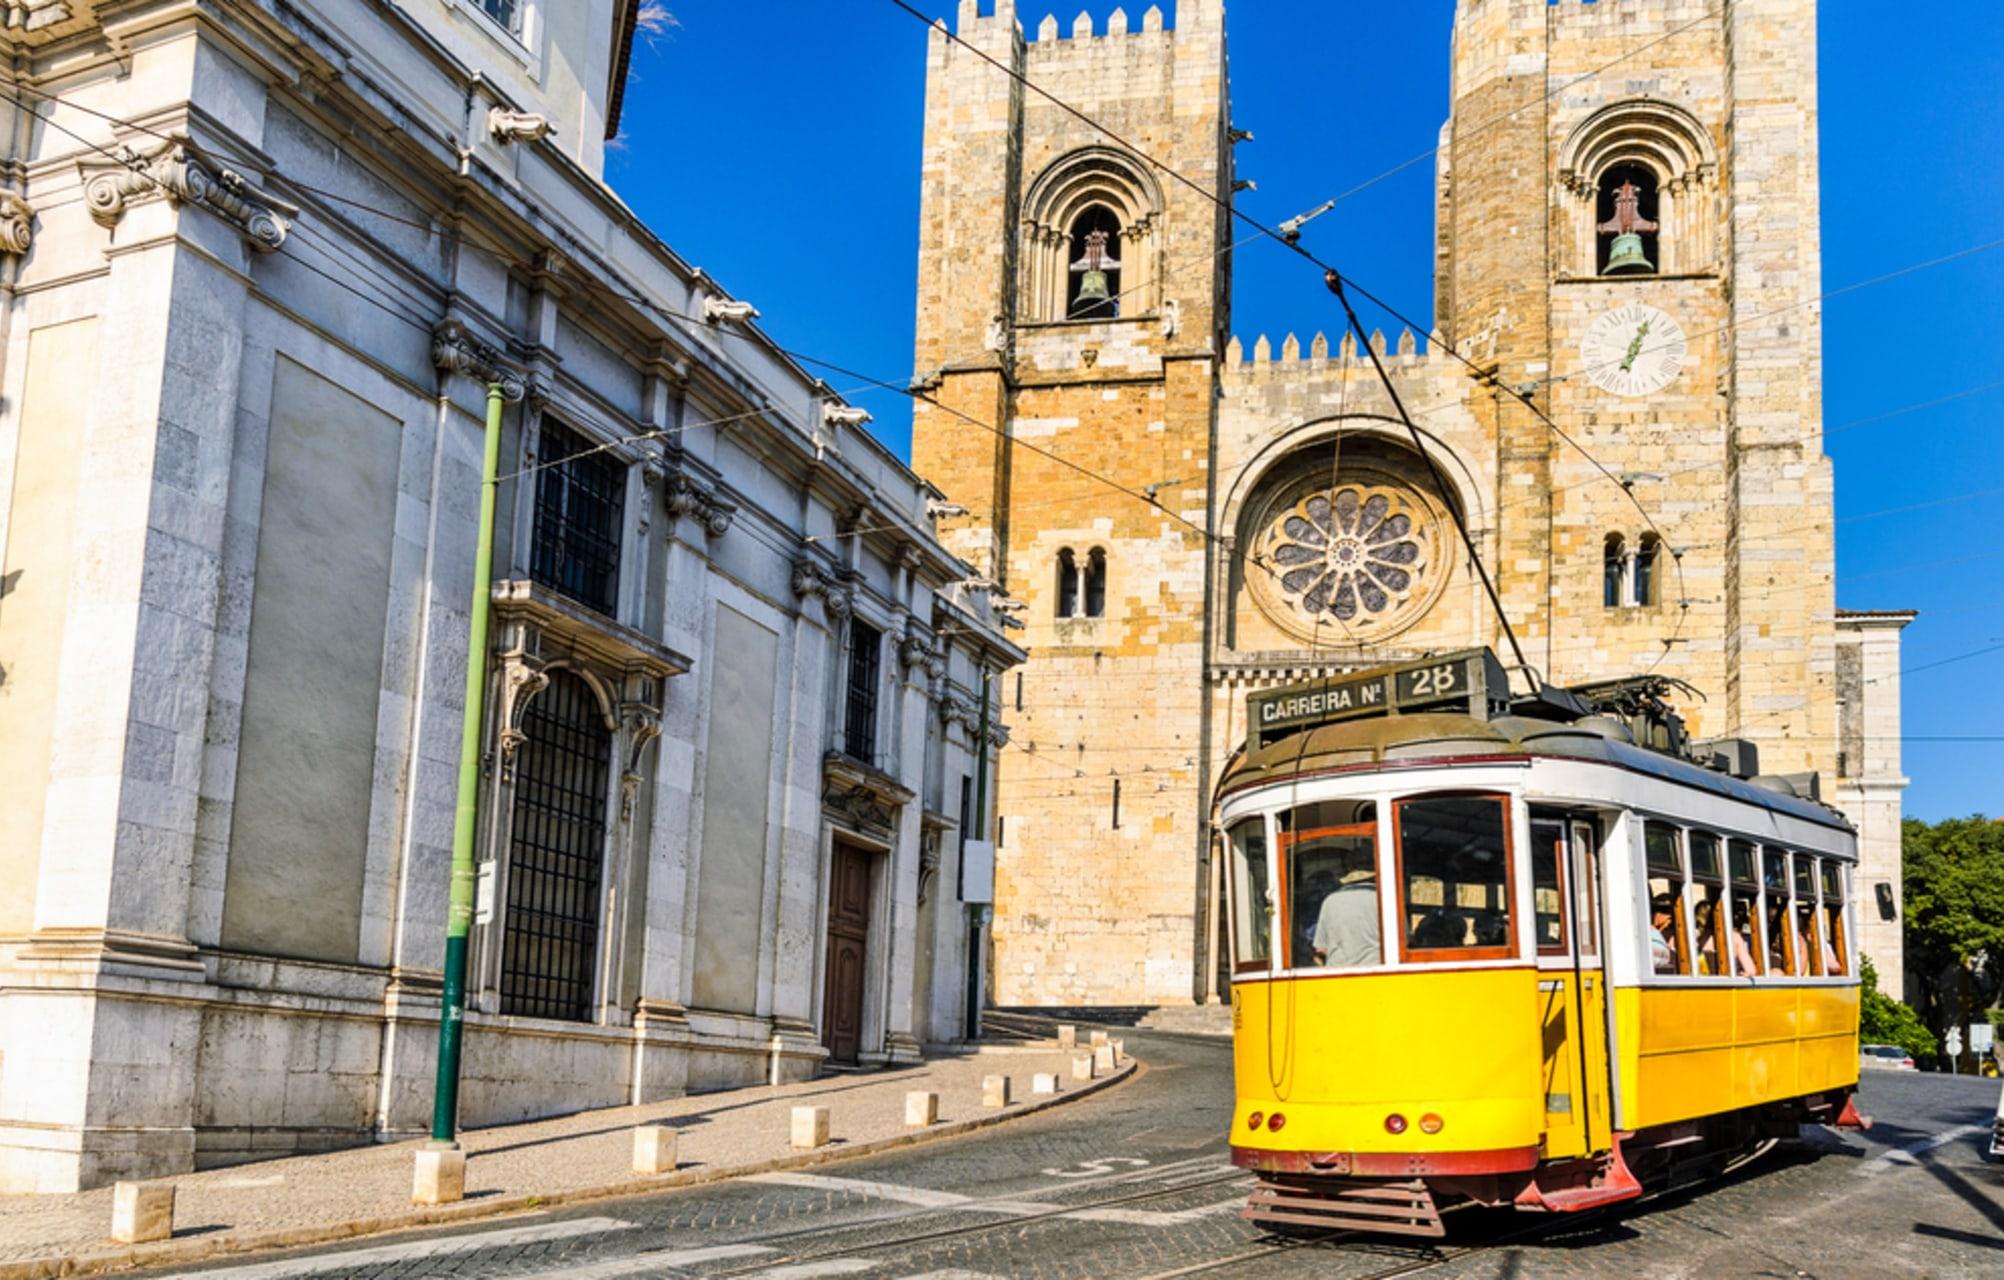 Lisbon - Tram 28: Discover Lisbon's Hidden Secrets